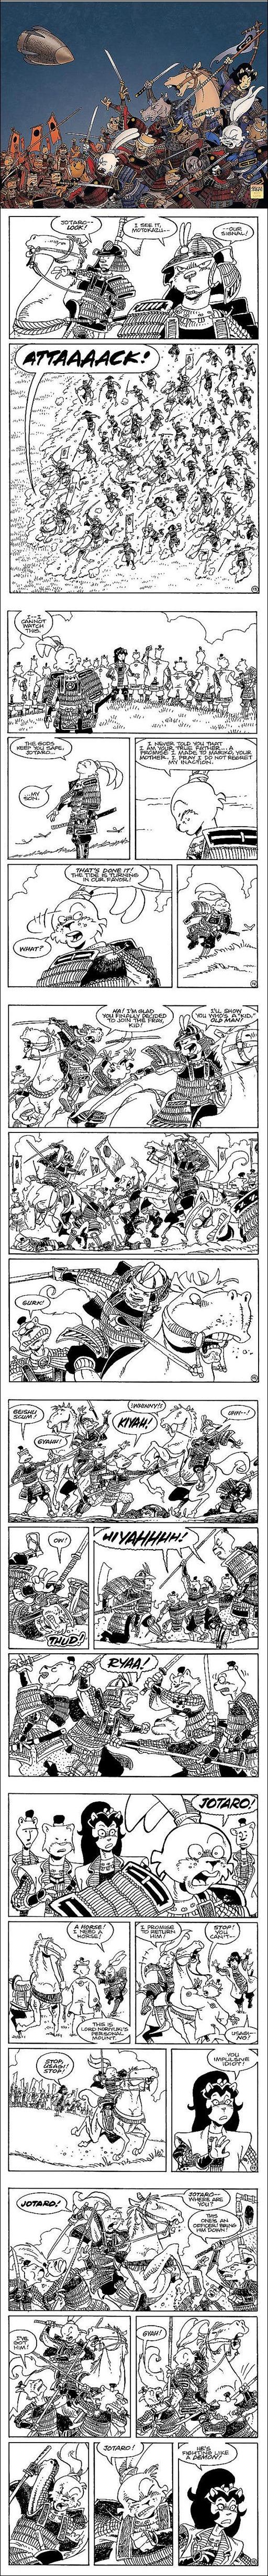 Usagi Yojimbo: Senso #1